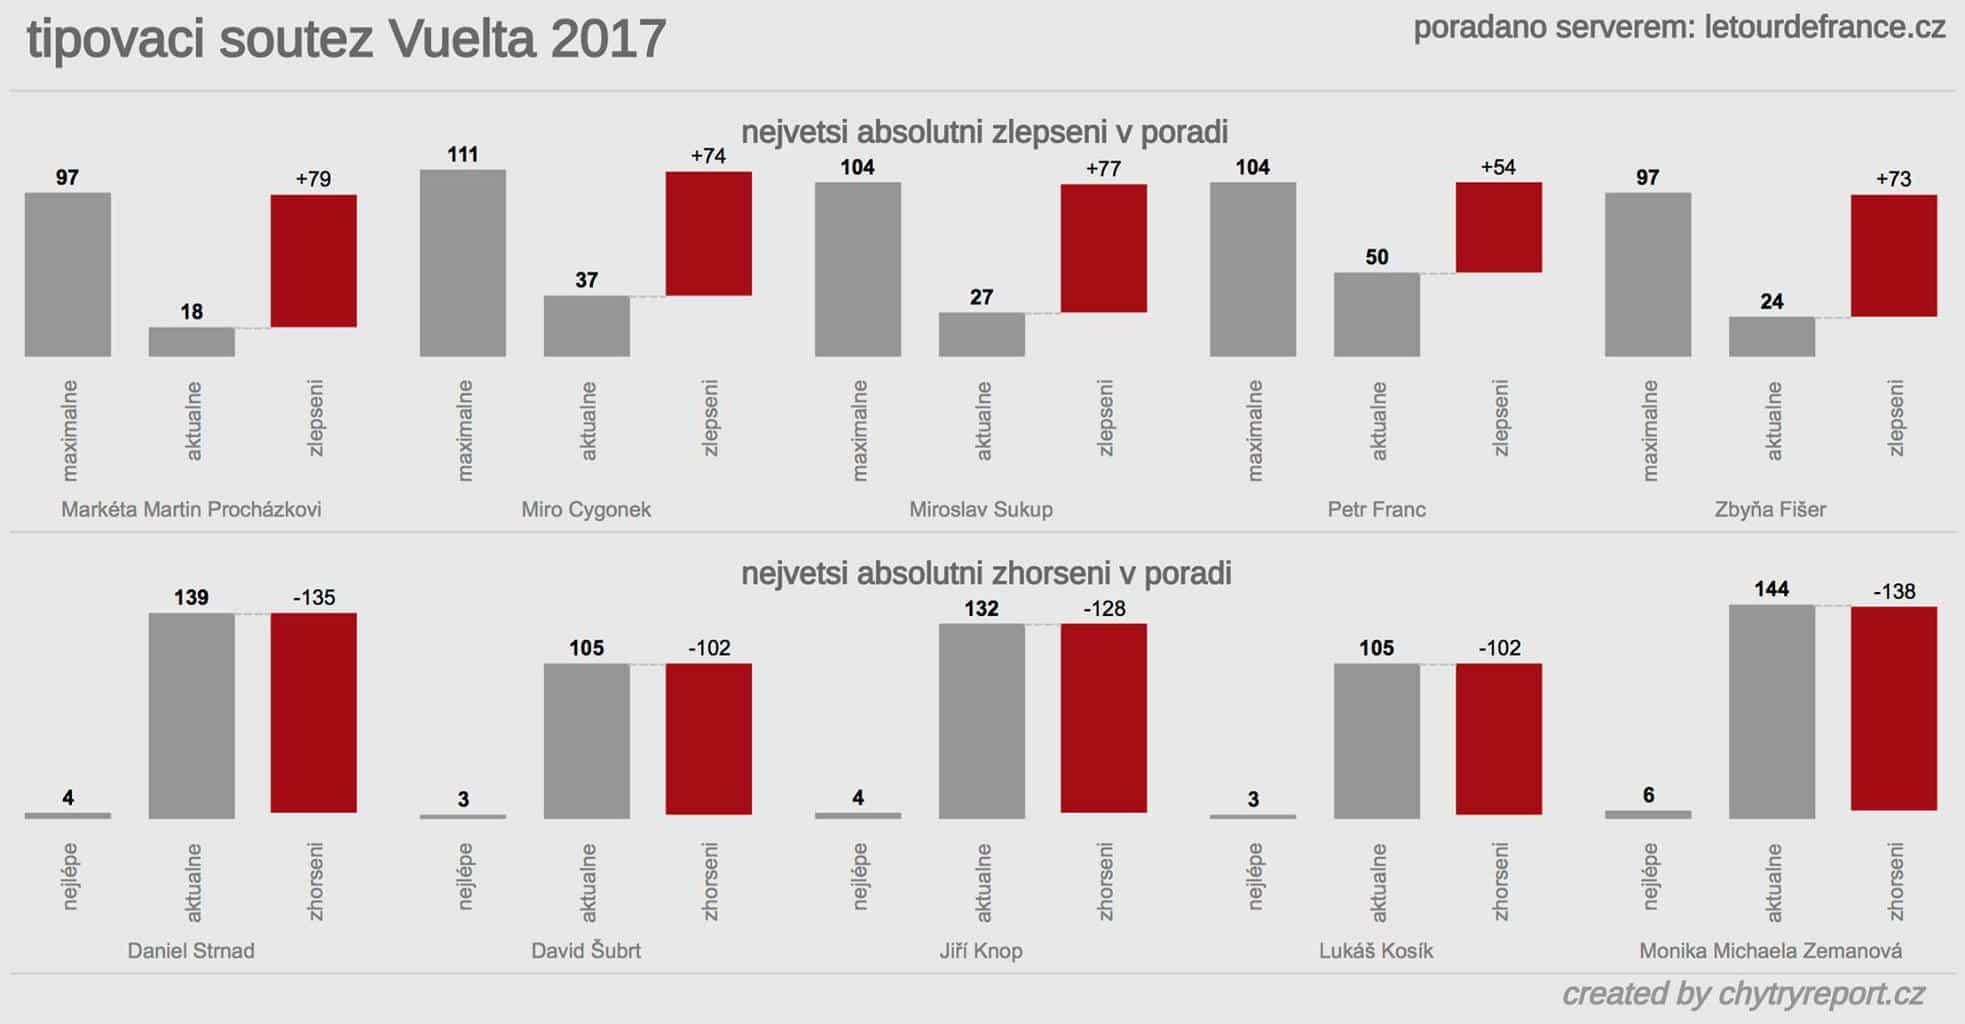 Soutěž Vuelta 2017 celkem 3